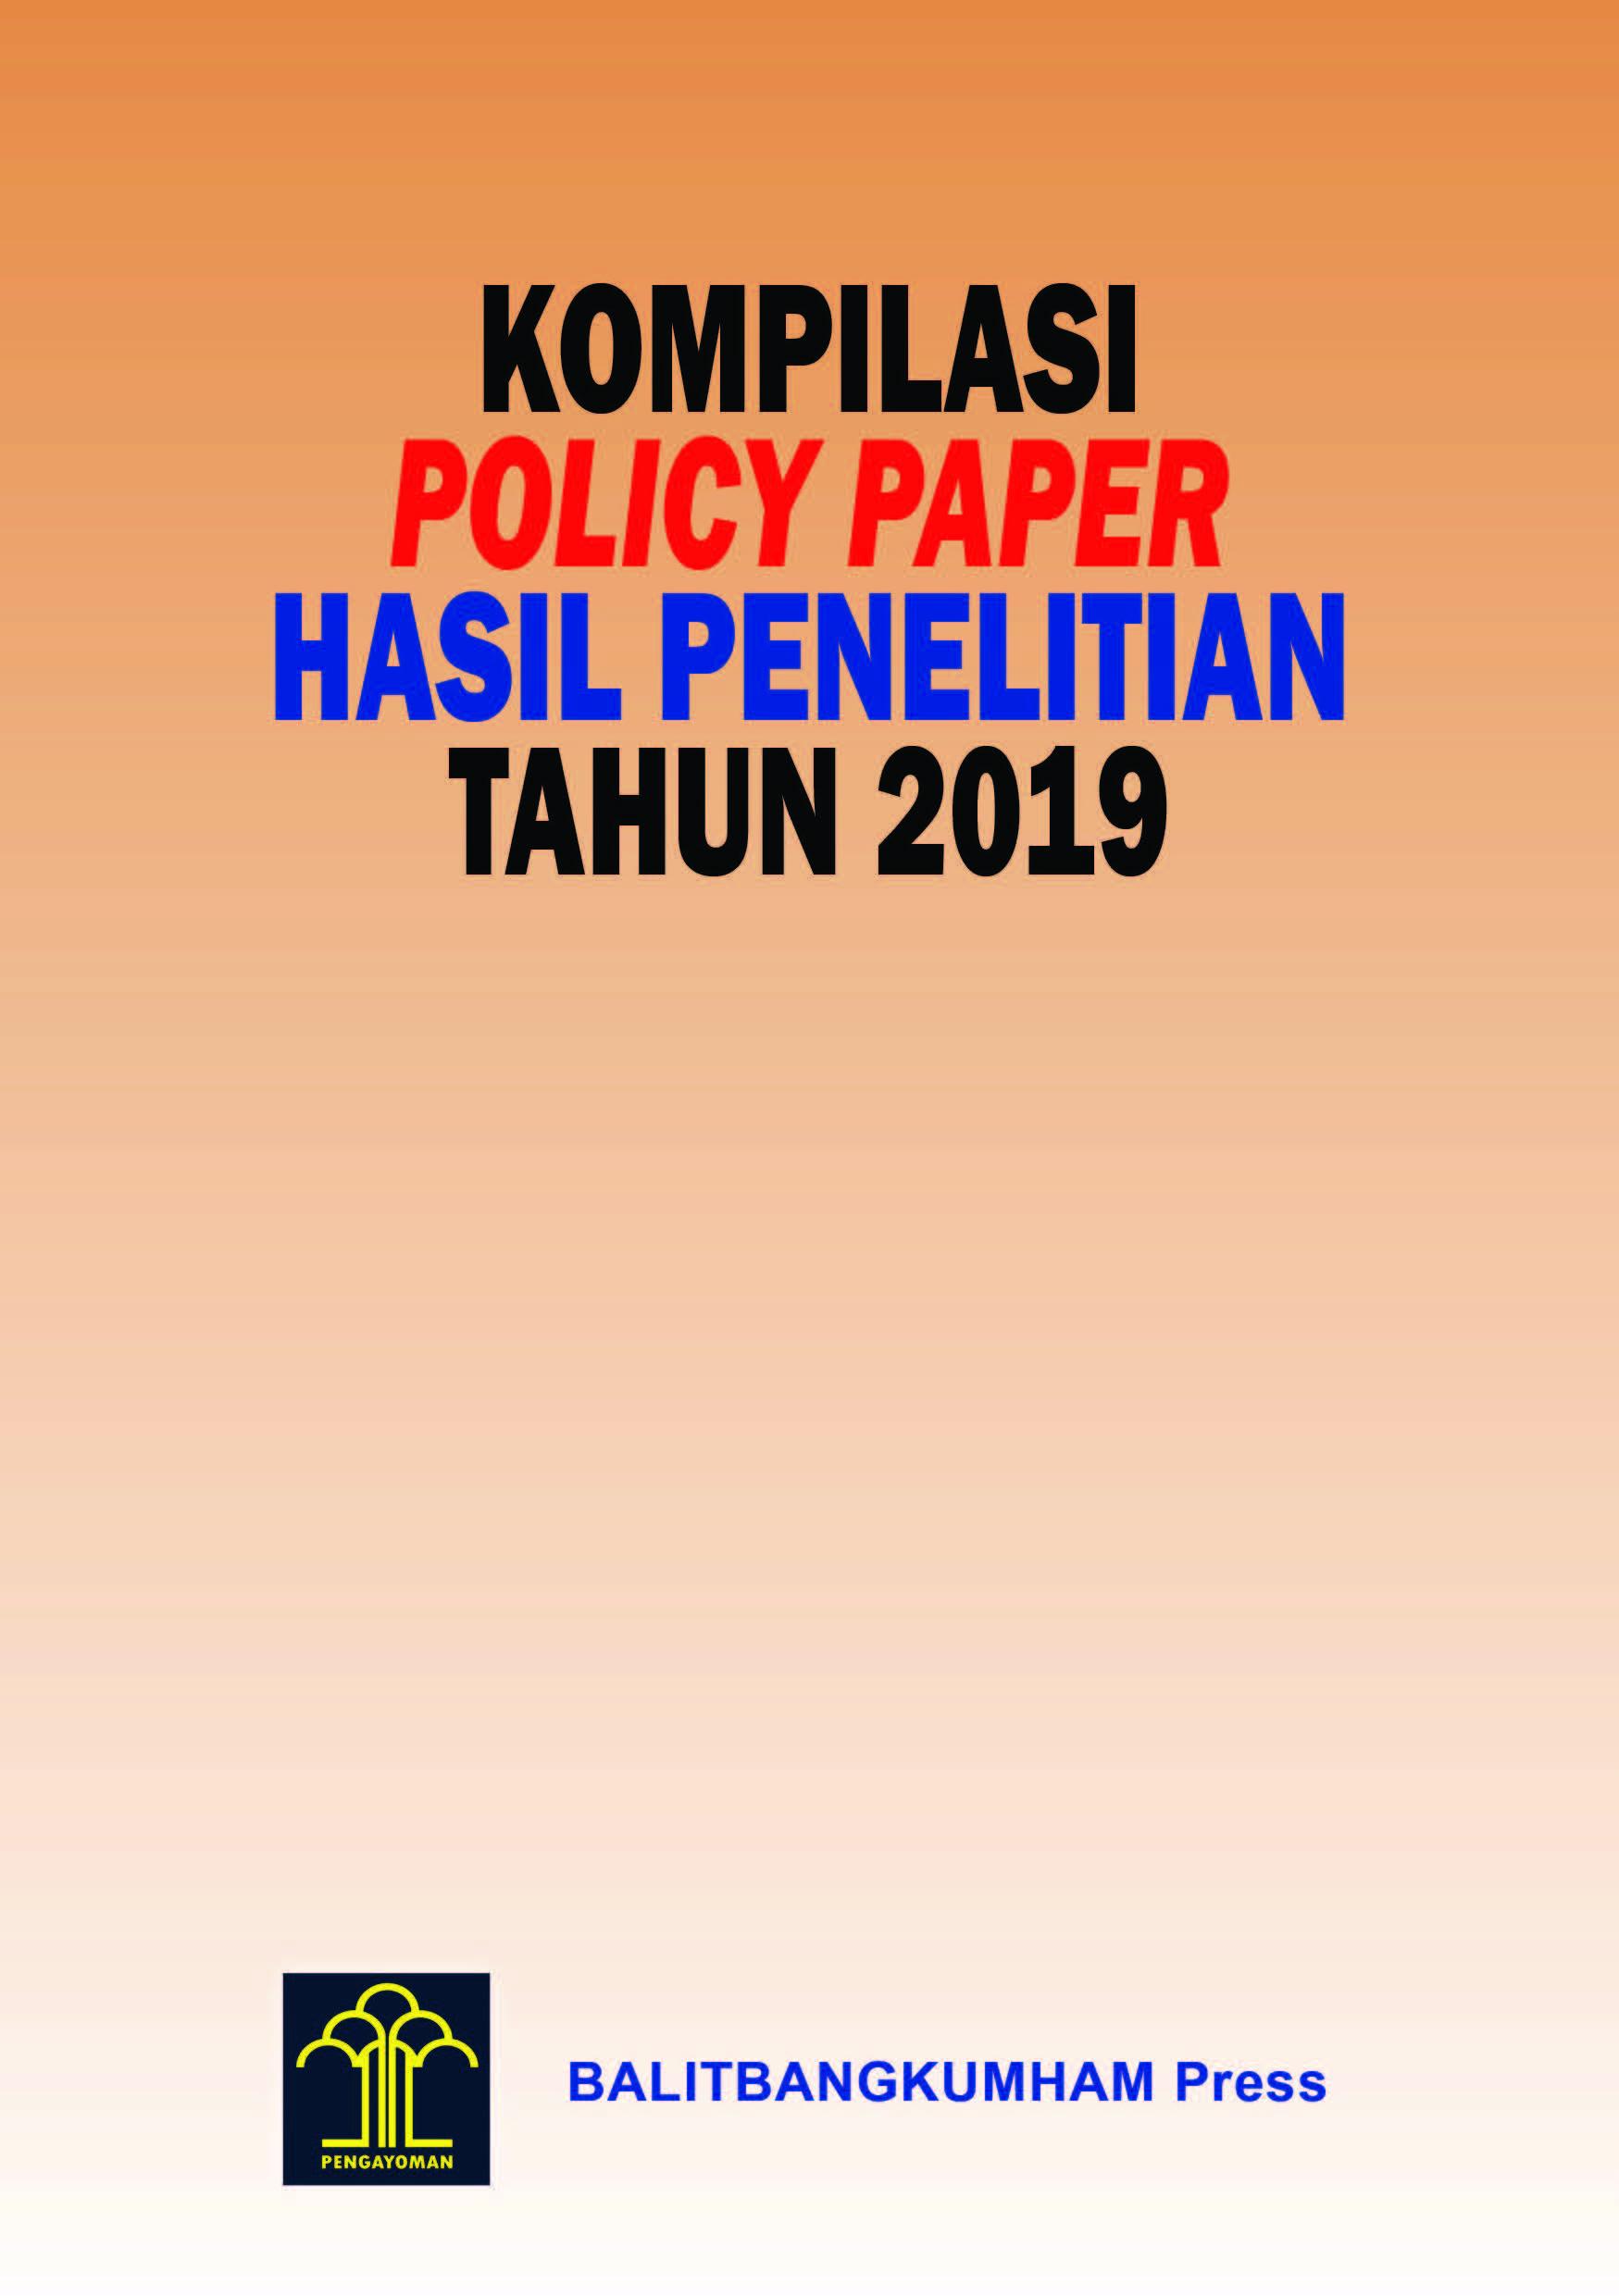 Kompilasi Policy Paper Hasil Penelitian Tahun 2019